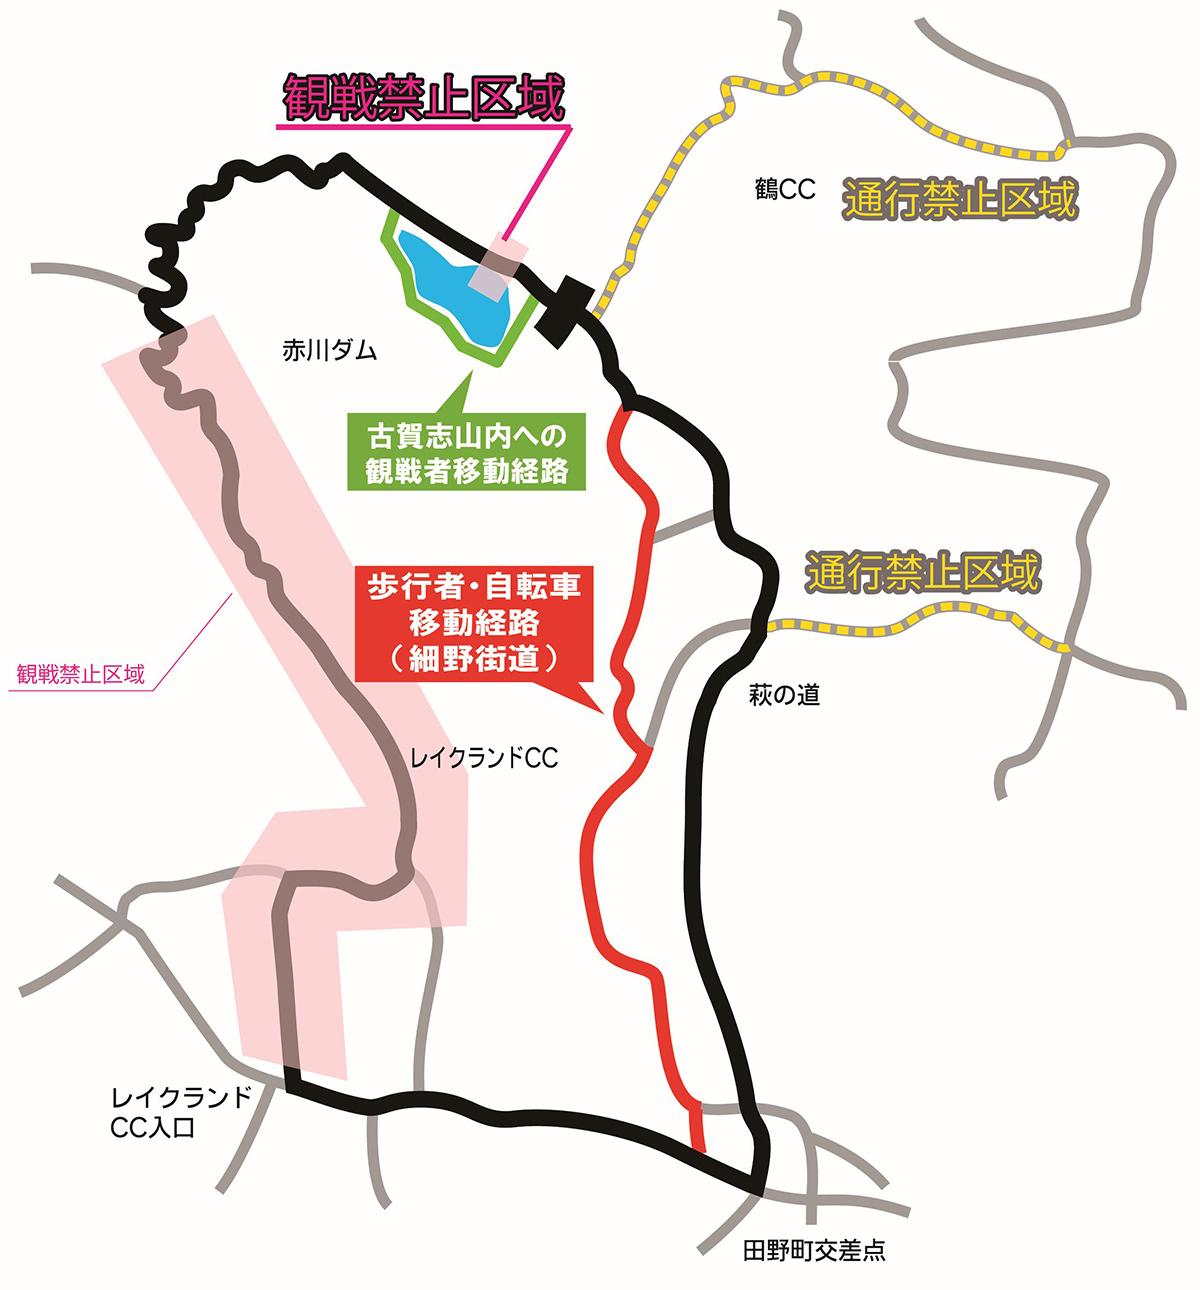 2019ロードレース 歩行者・自転車移動経路 案内図